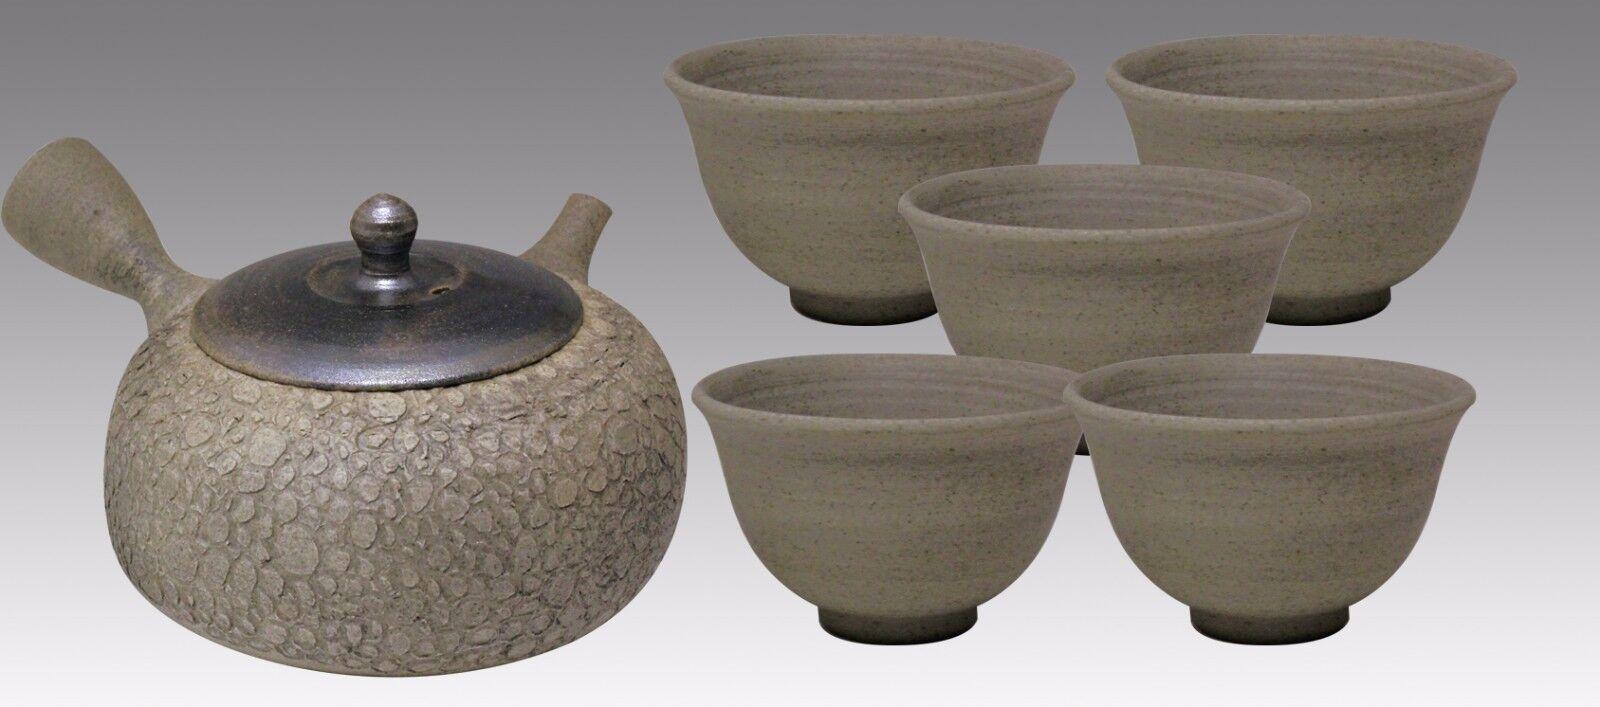 Japonais Kyusu teaset-jusen-boue moussant 1pot & 5 chawan Cups